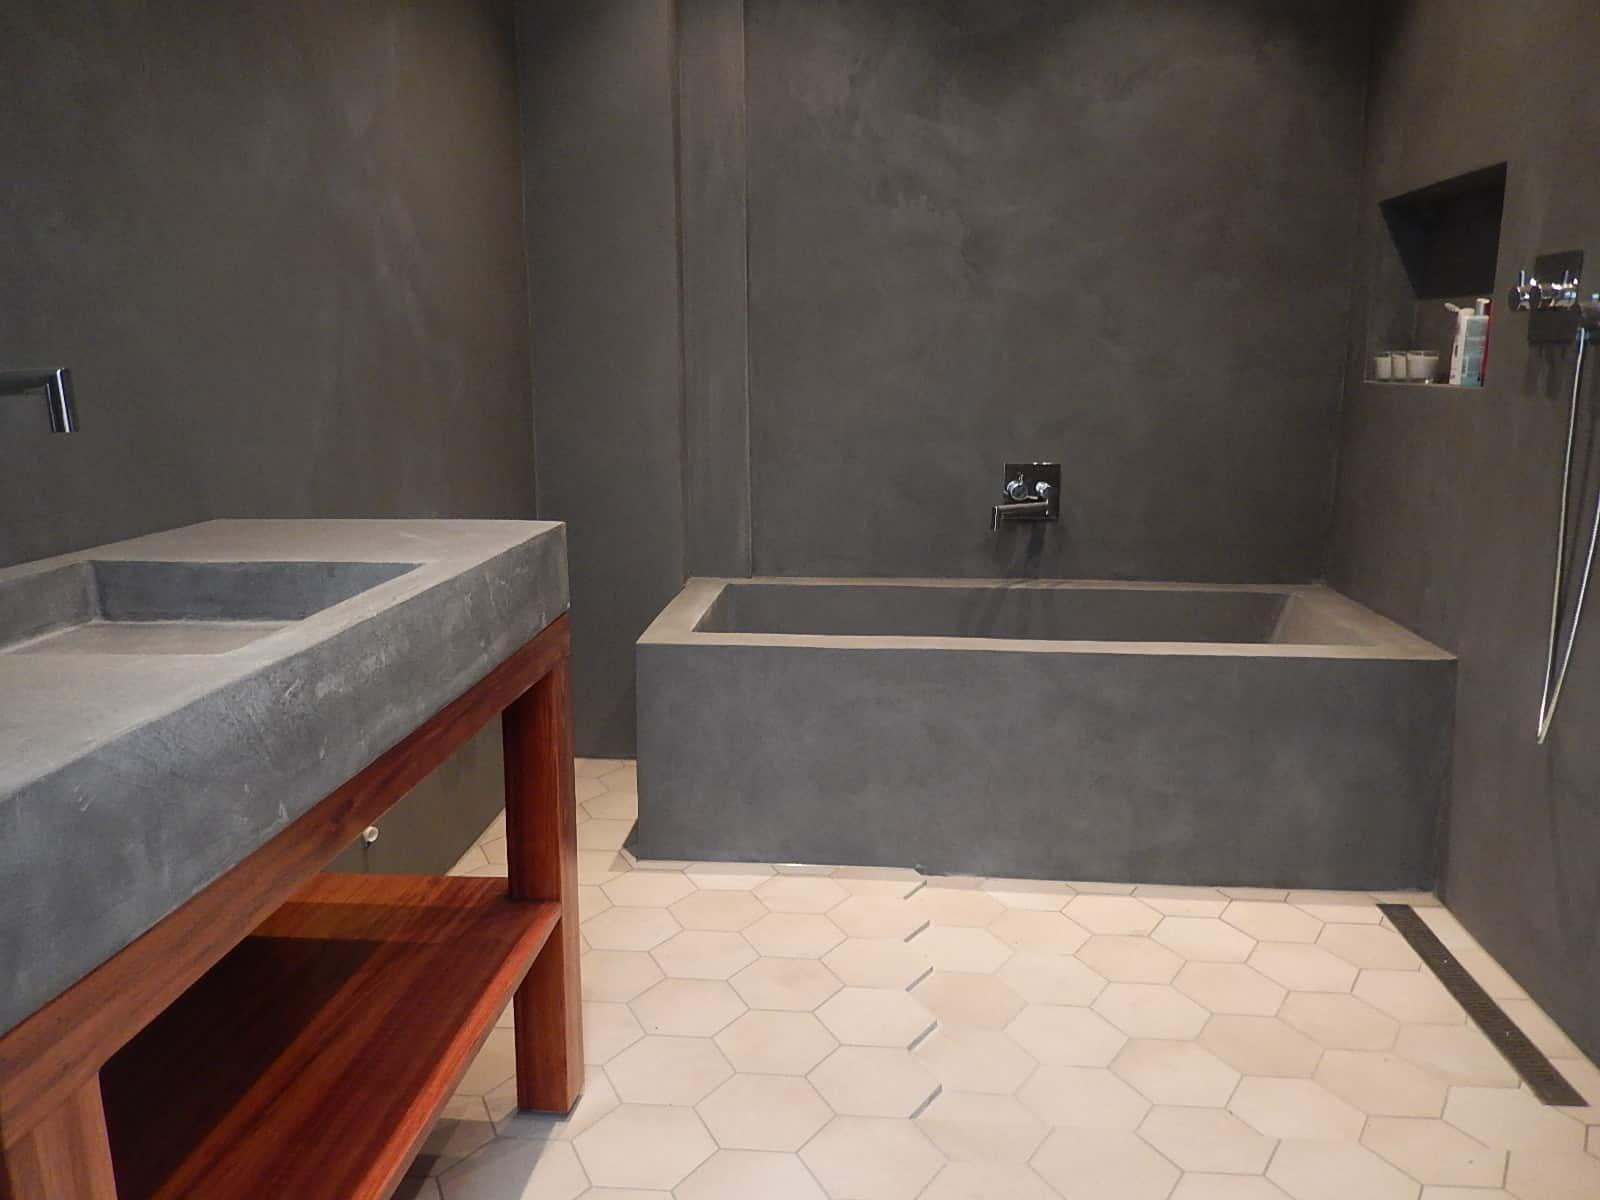 Заливка ванной бетоном